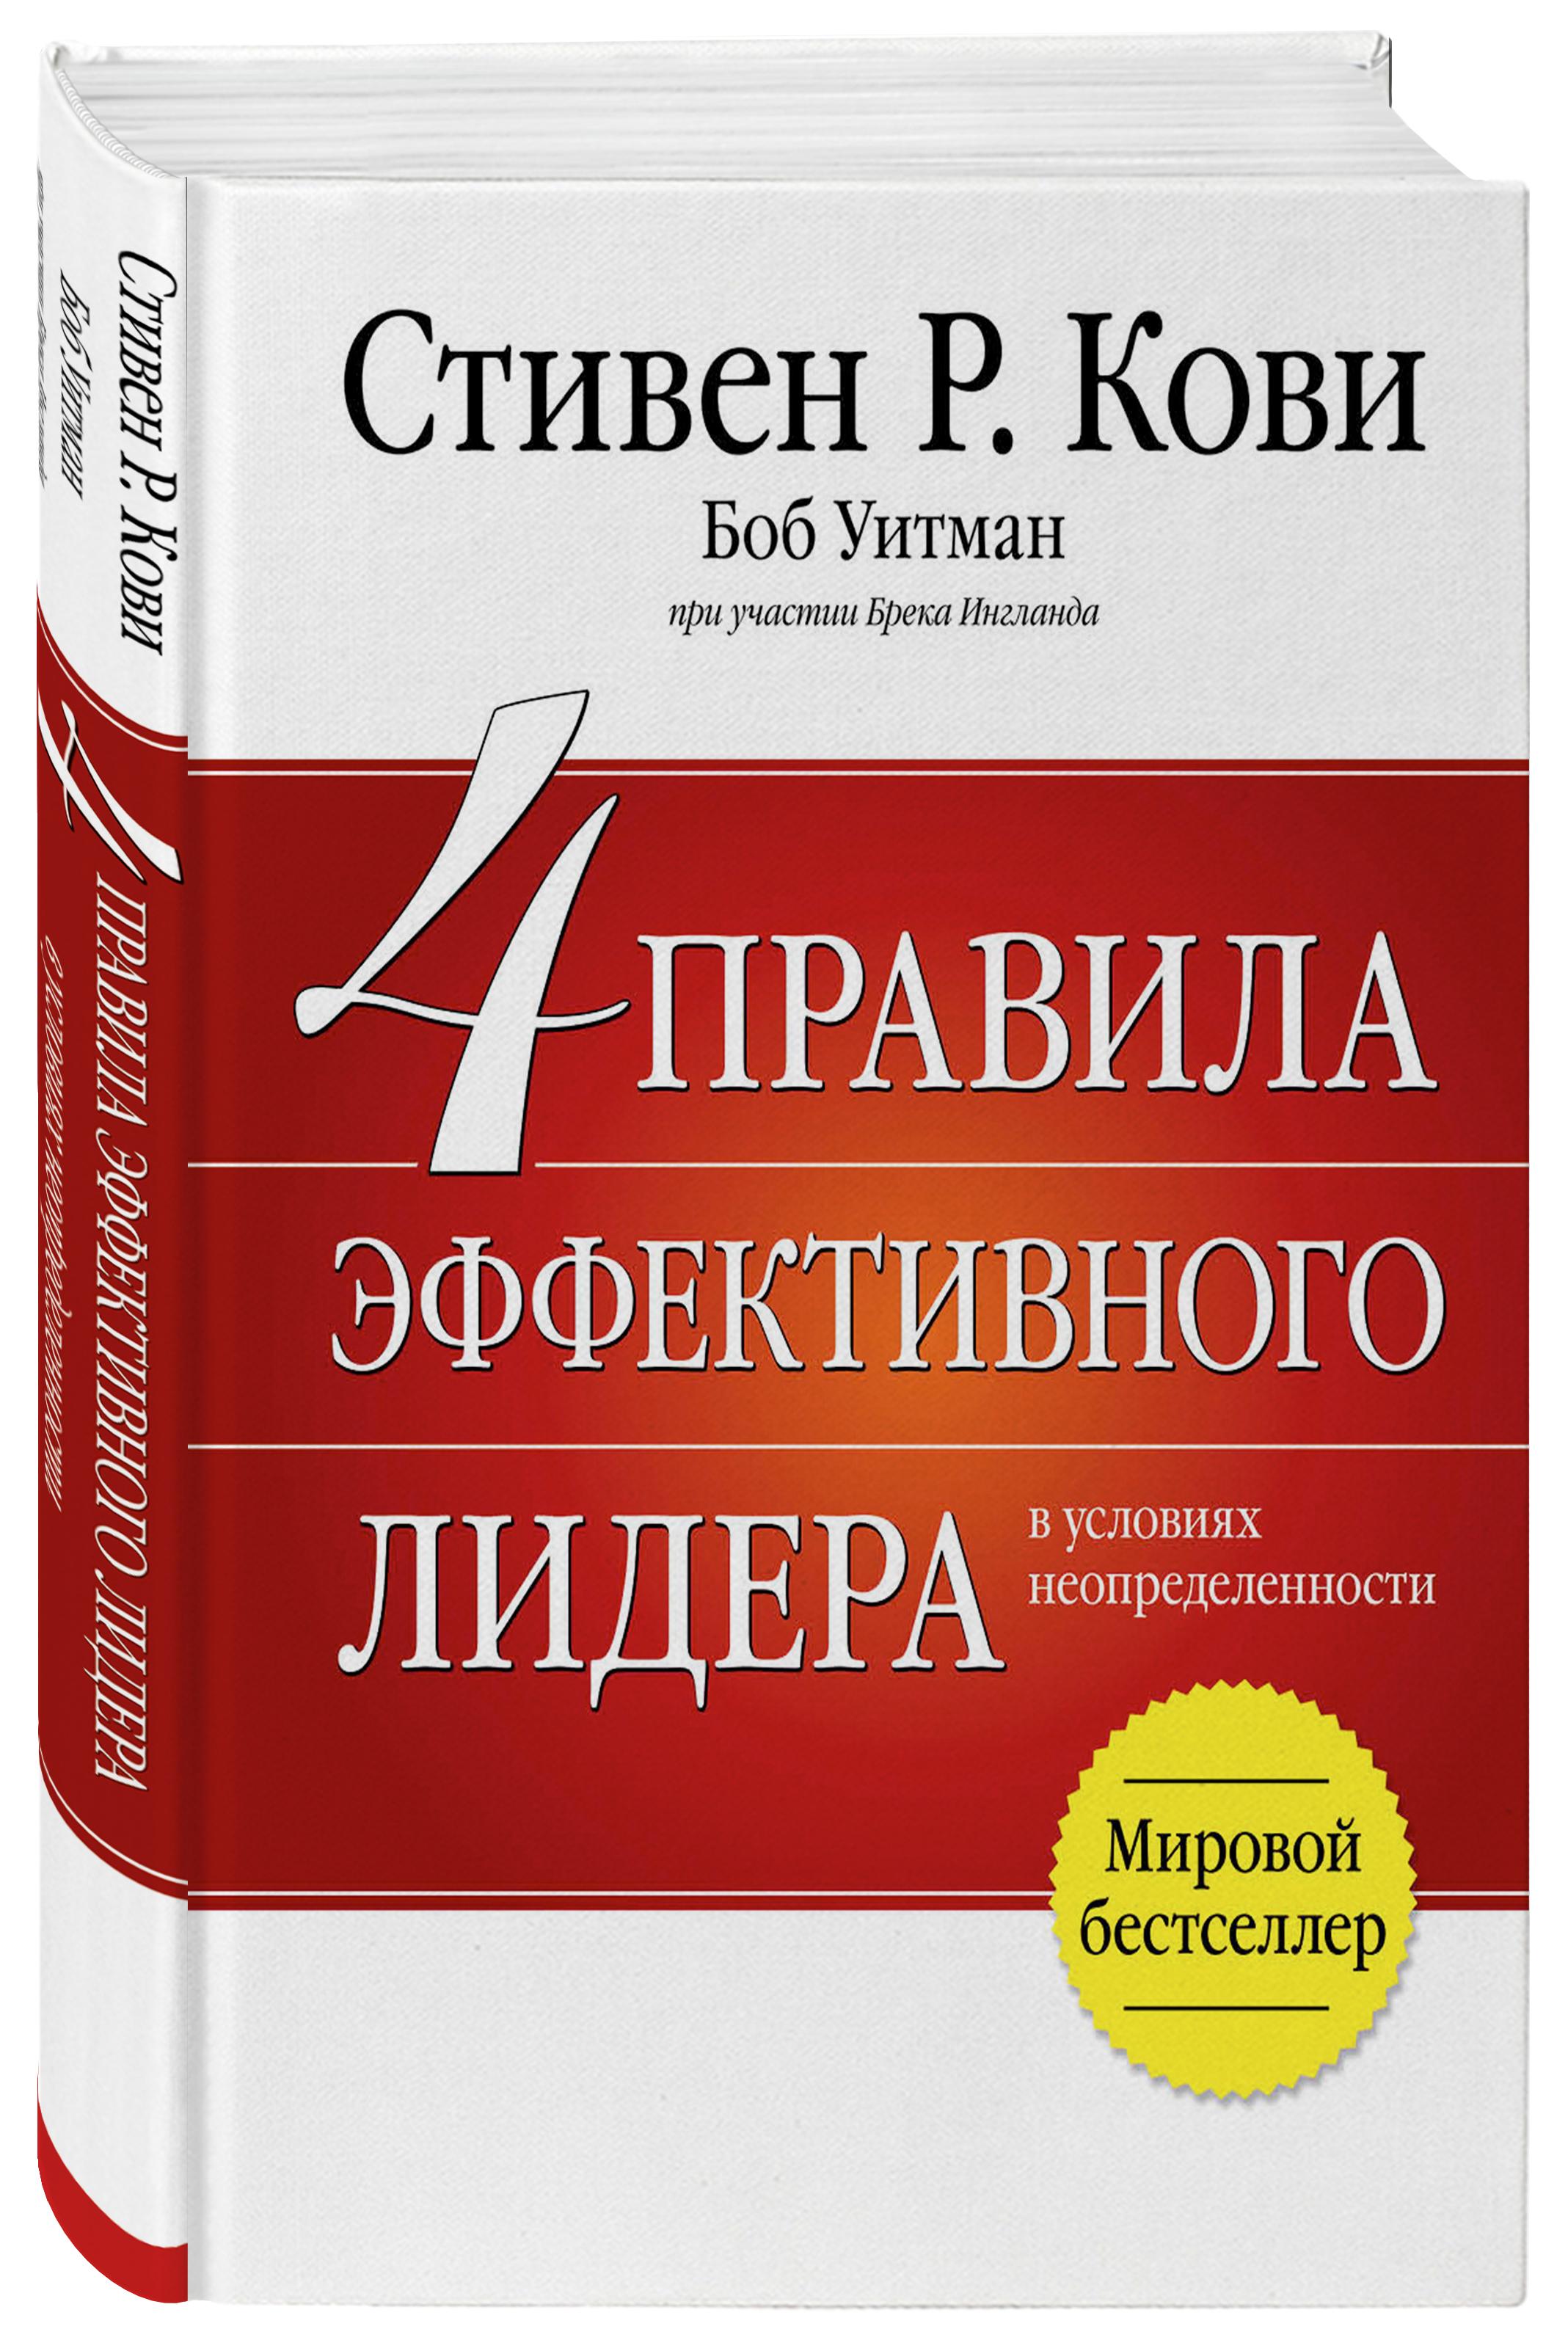 Кови С. 4 правила эффективного лидера книги эксмо 4 правила эффективного лидера